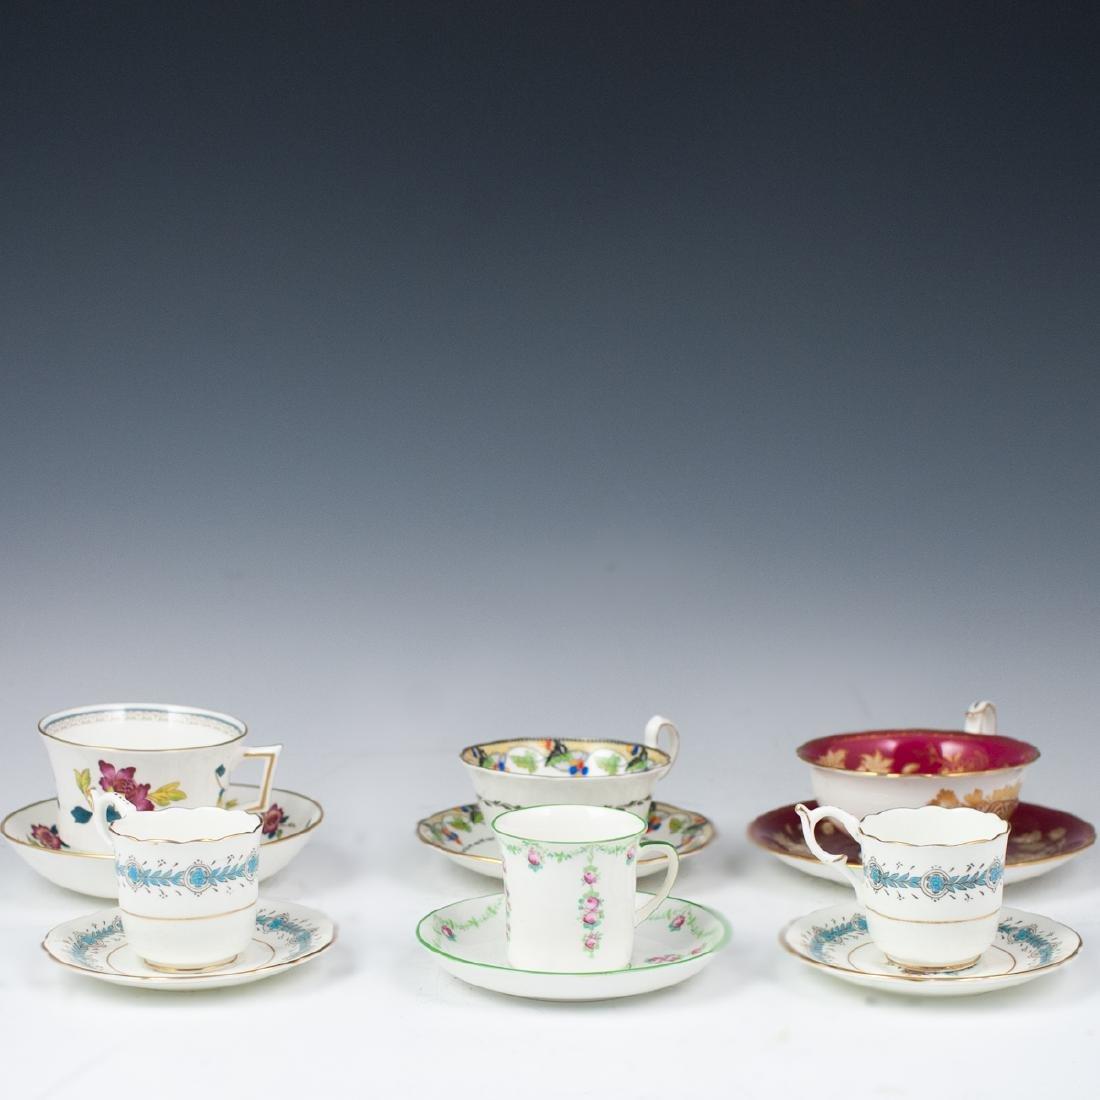 Vintage English Porcelain Teacups